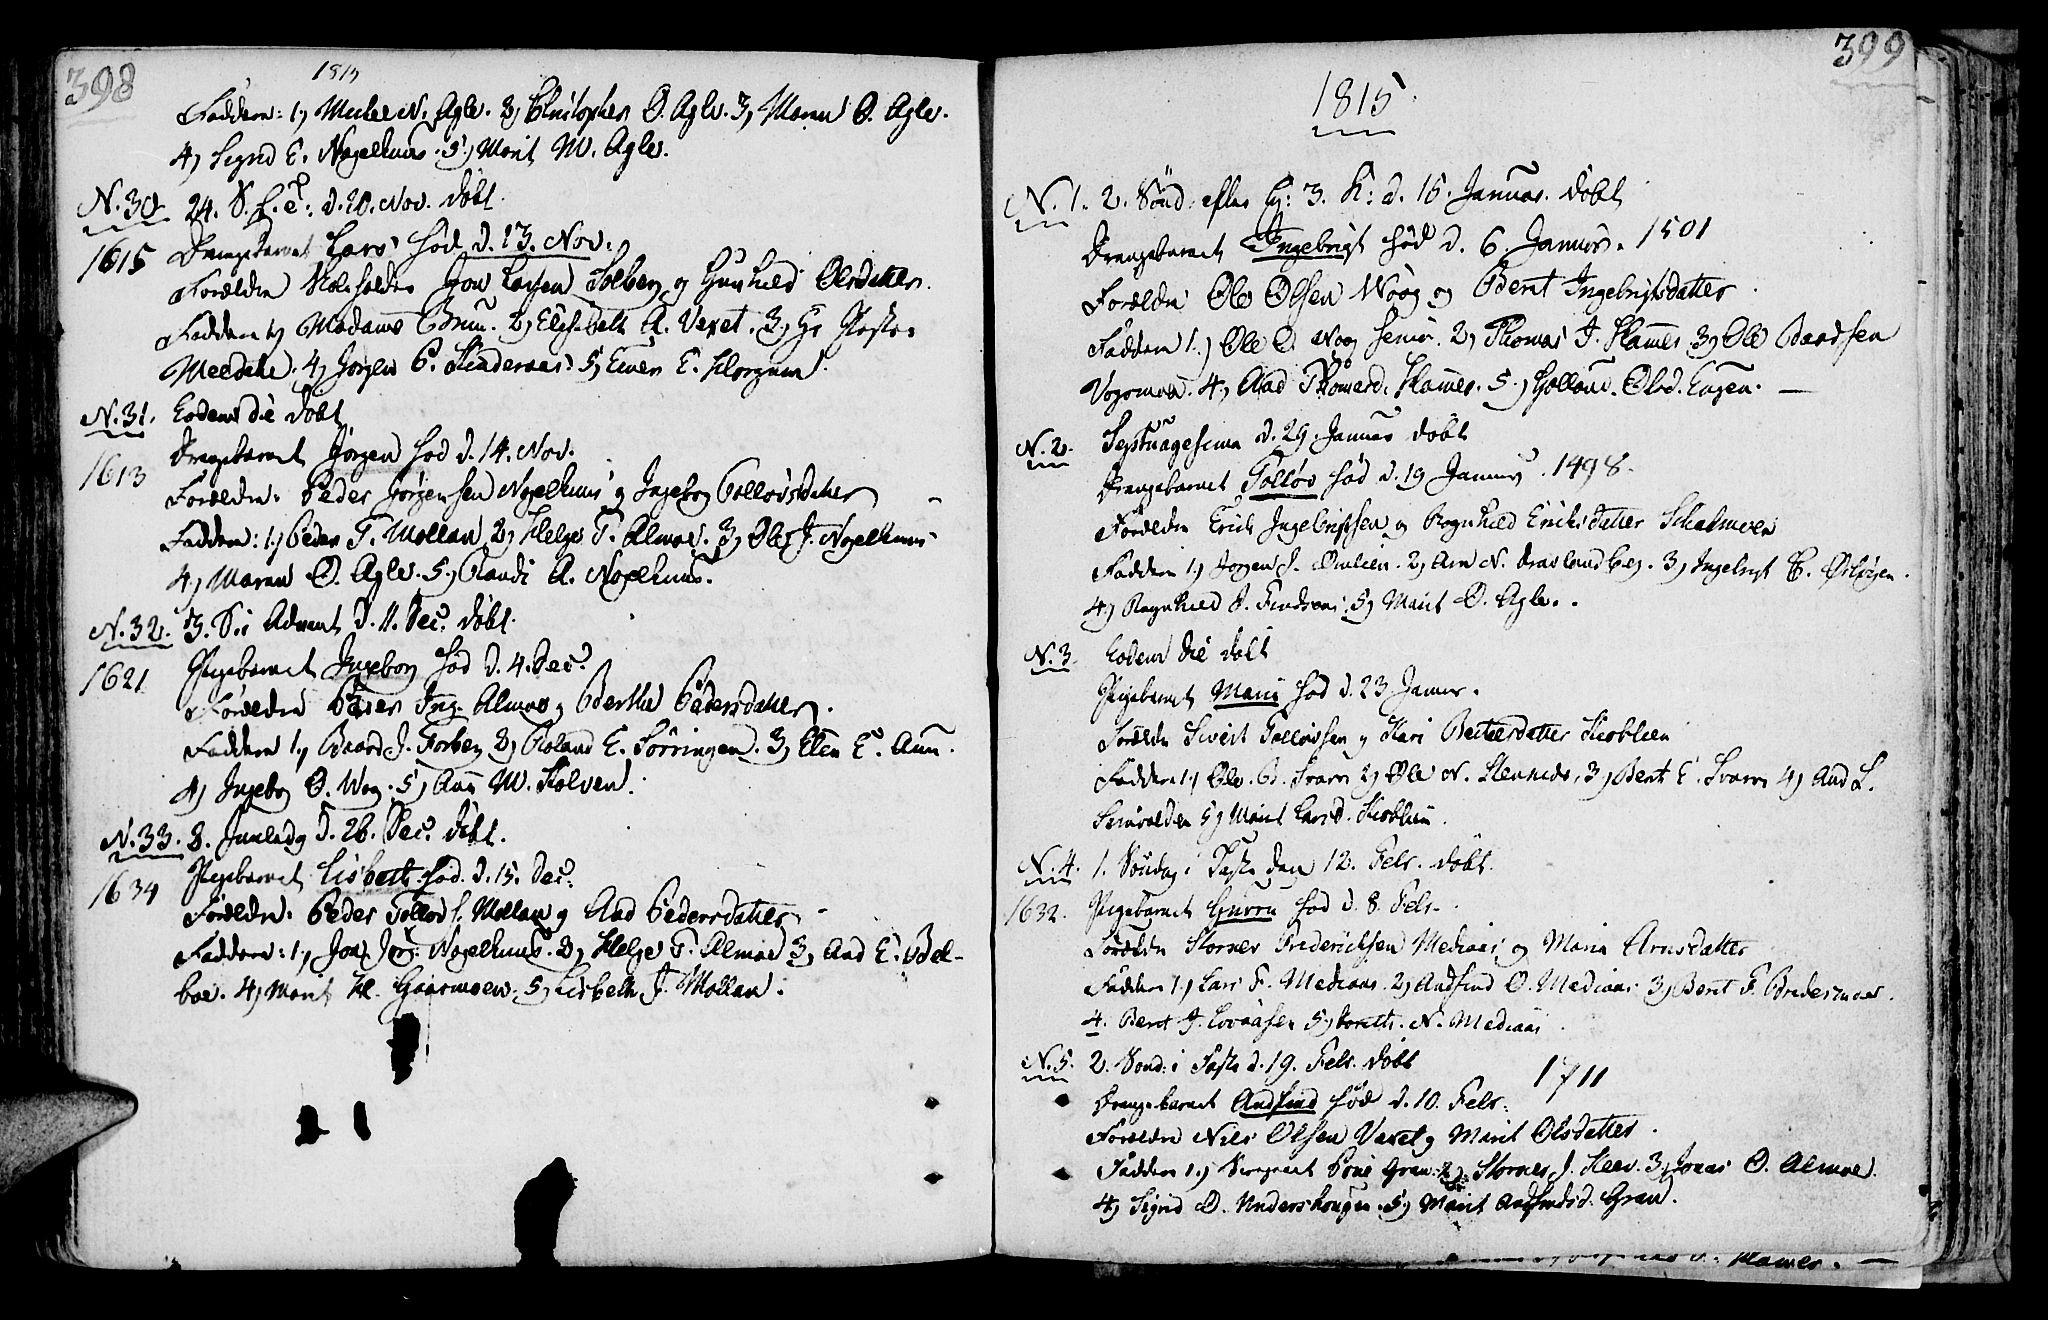 SAT, Ministerialprotokoller, klokkerbøker og fødselsregistre - Nord-Trøndelag, 749/L0468: Ministerialbok nr. 749A02, 1787-1817, s. 398-399